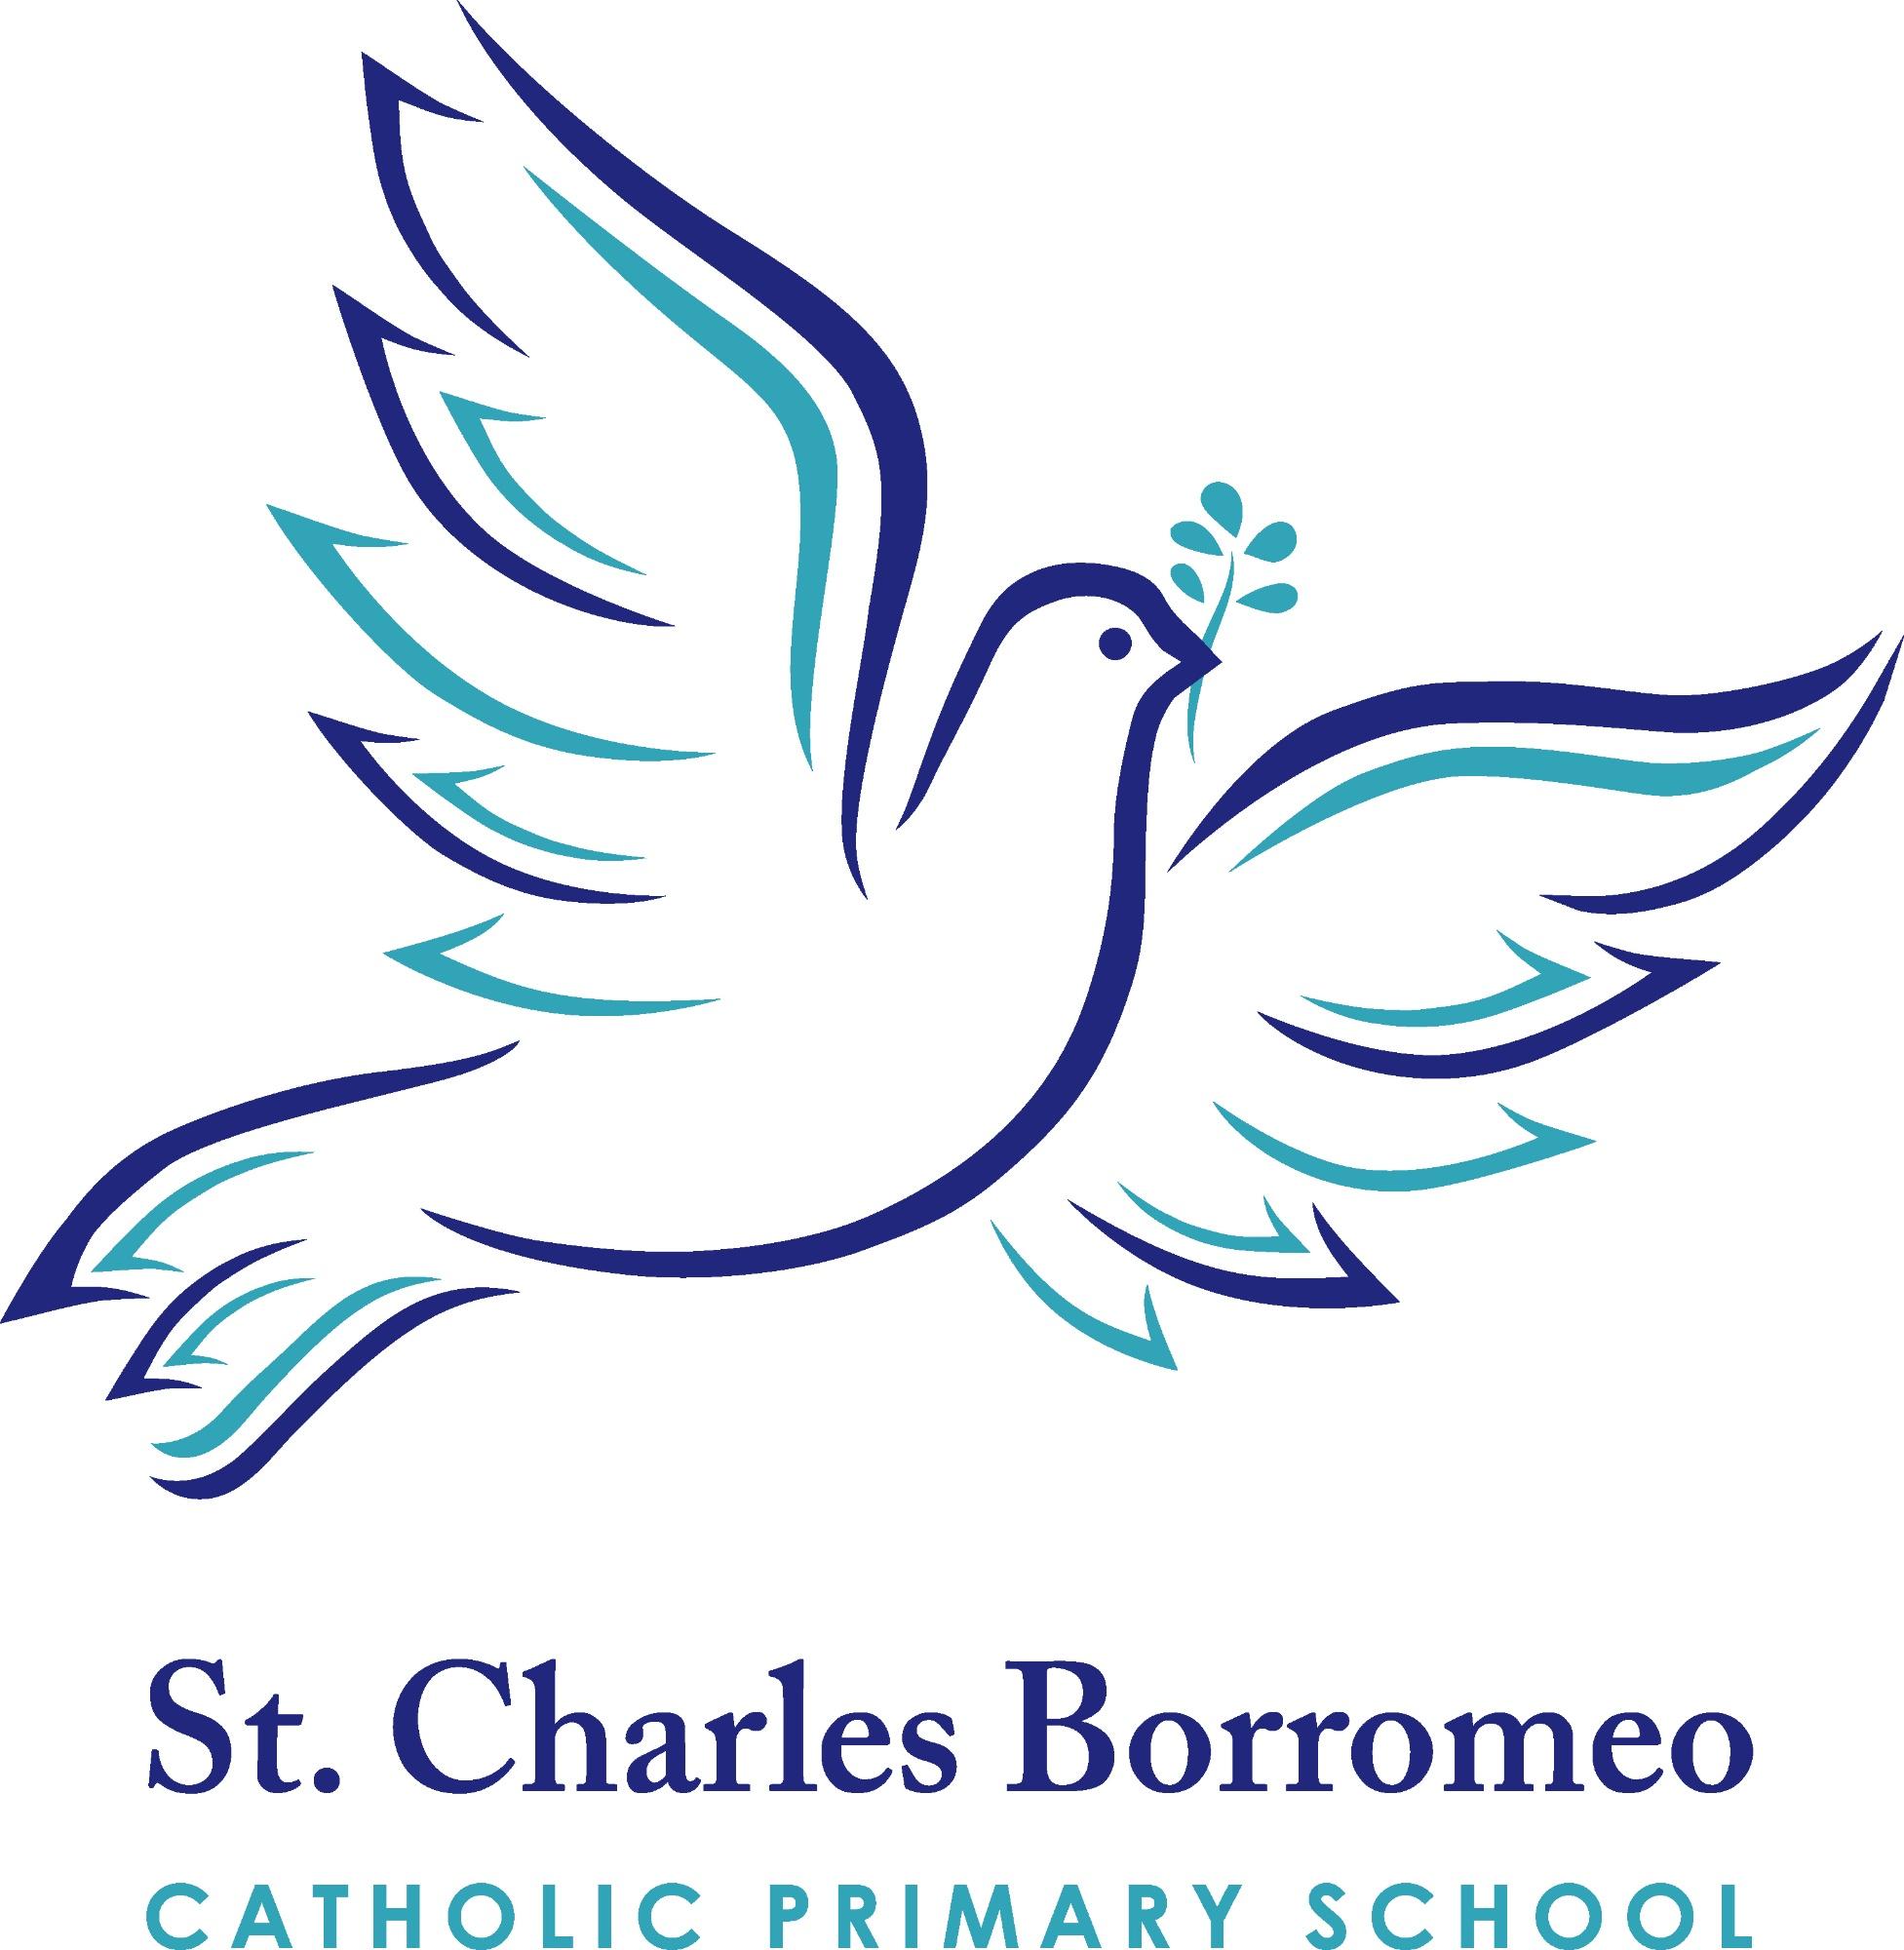 st charles borromeo logo